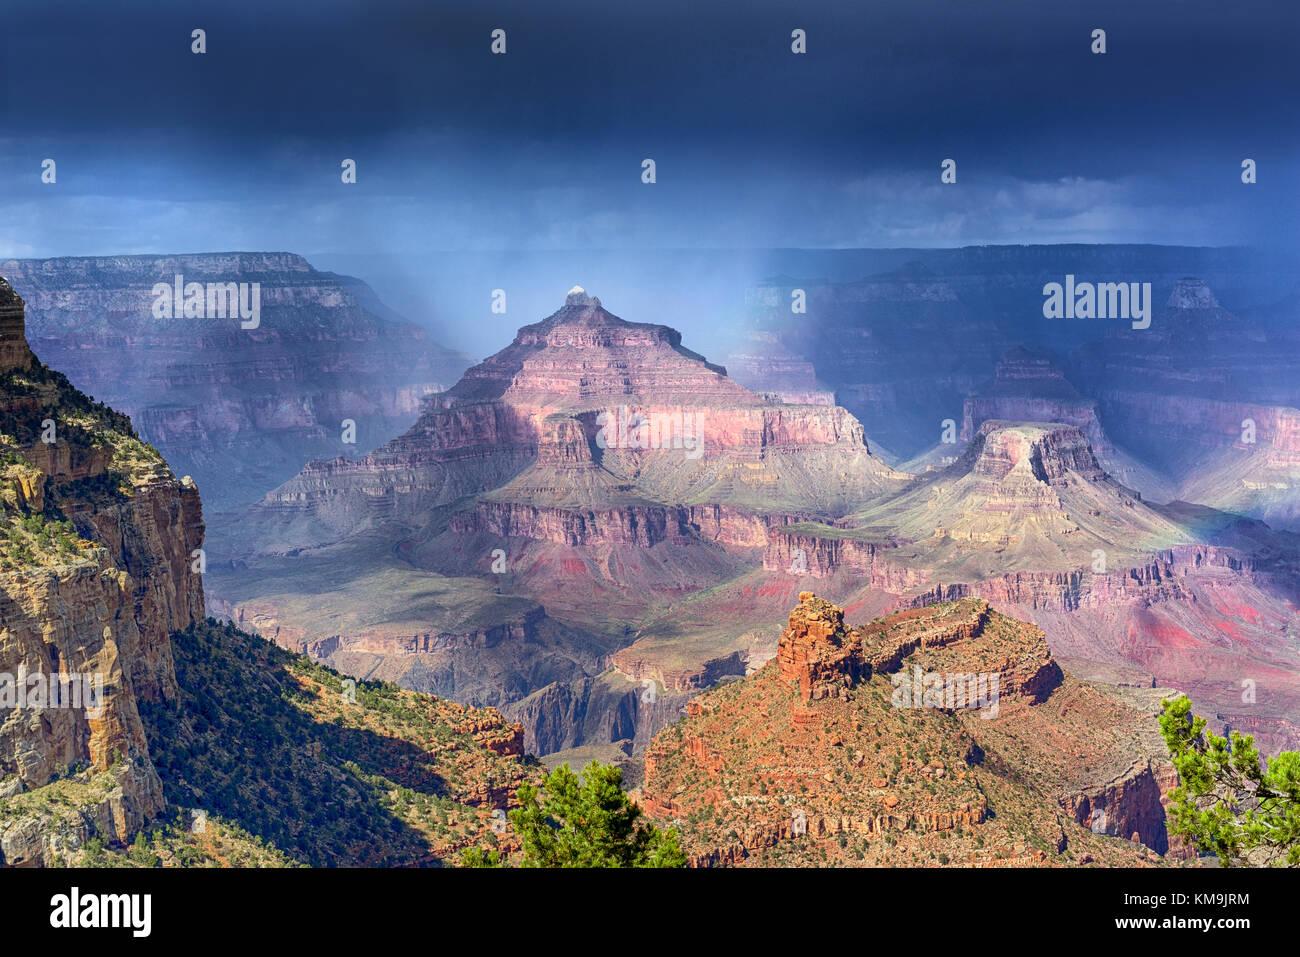 Pluie sur le grand canyon formations à la lumière toujours changeante Photo Stock